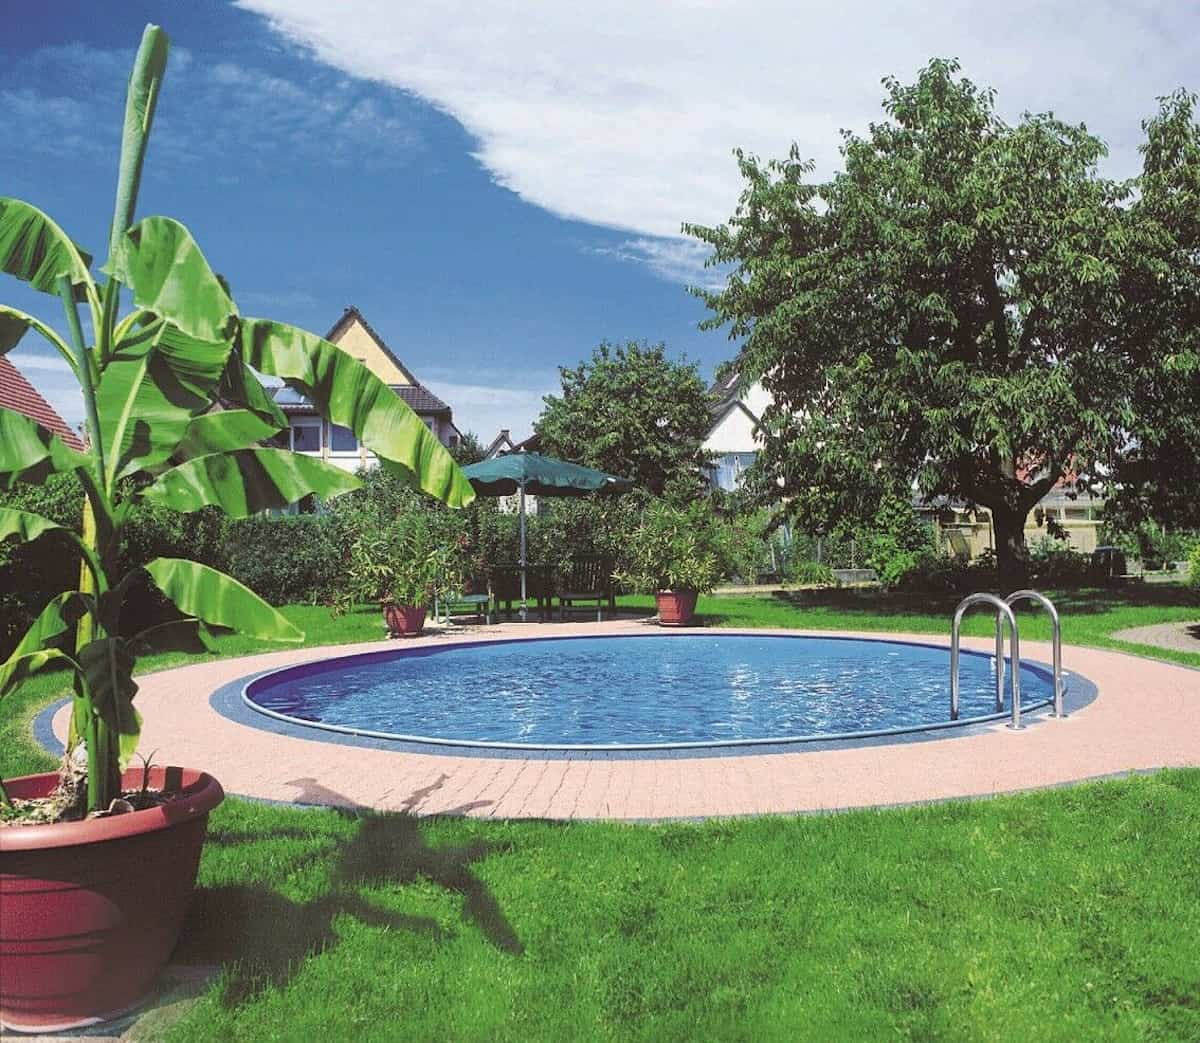 aspectos a tener en cuenta para construir una piscina 5